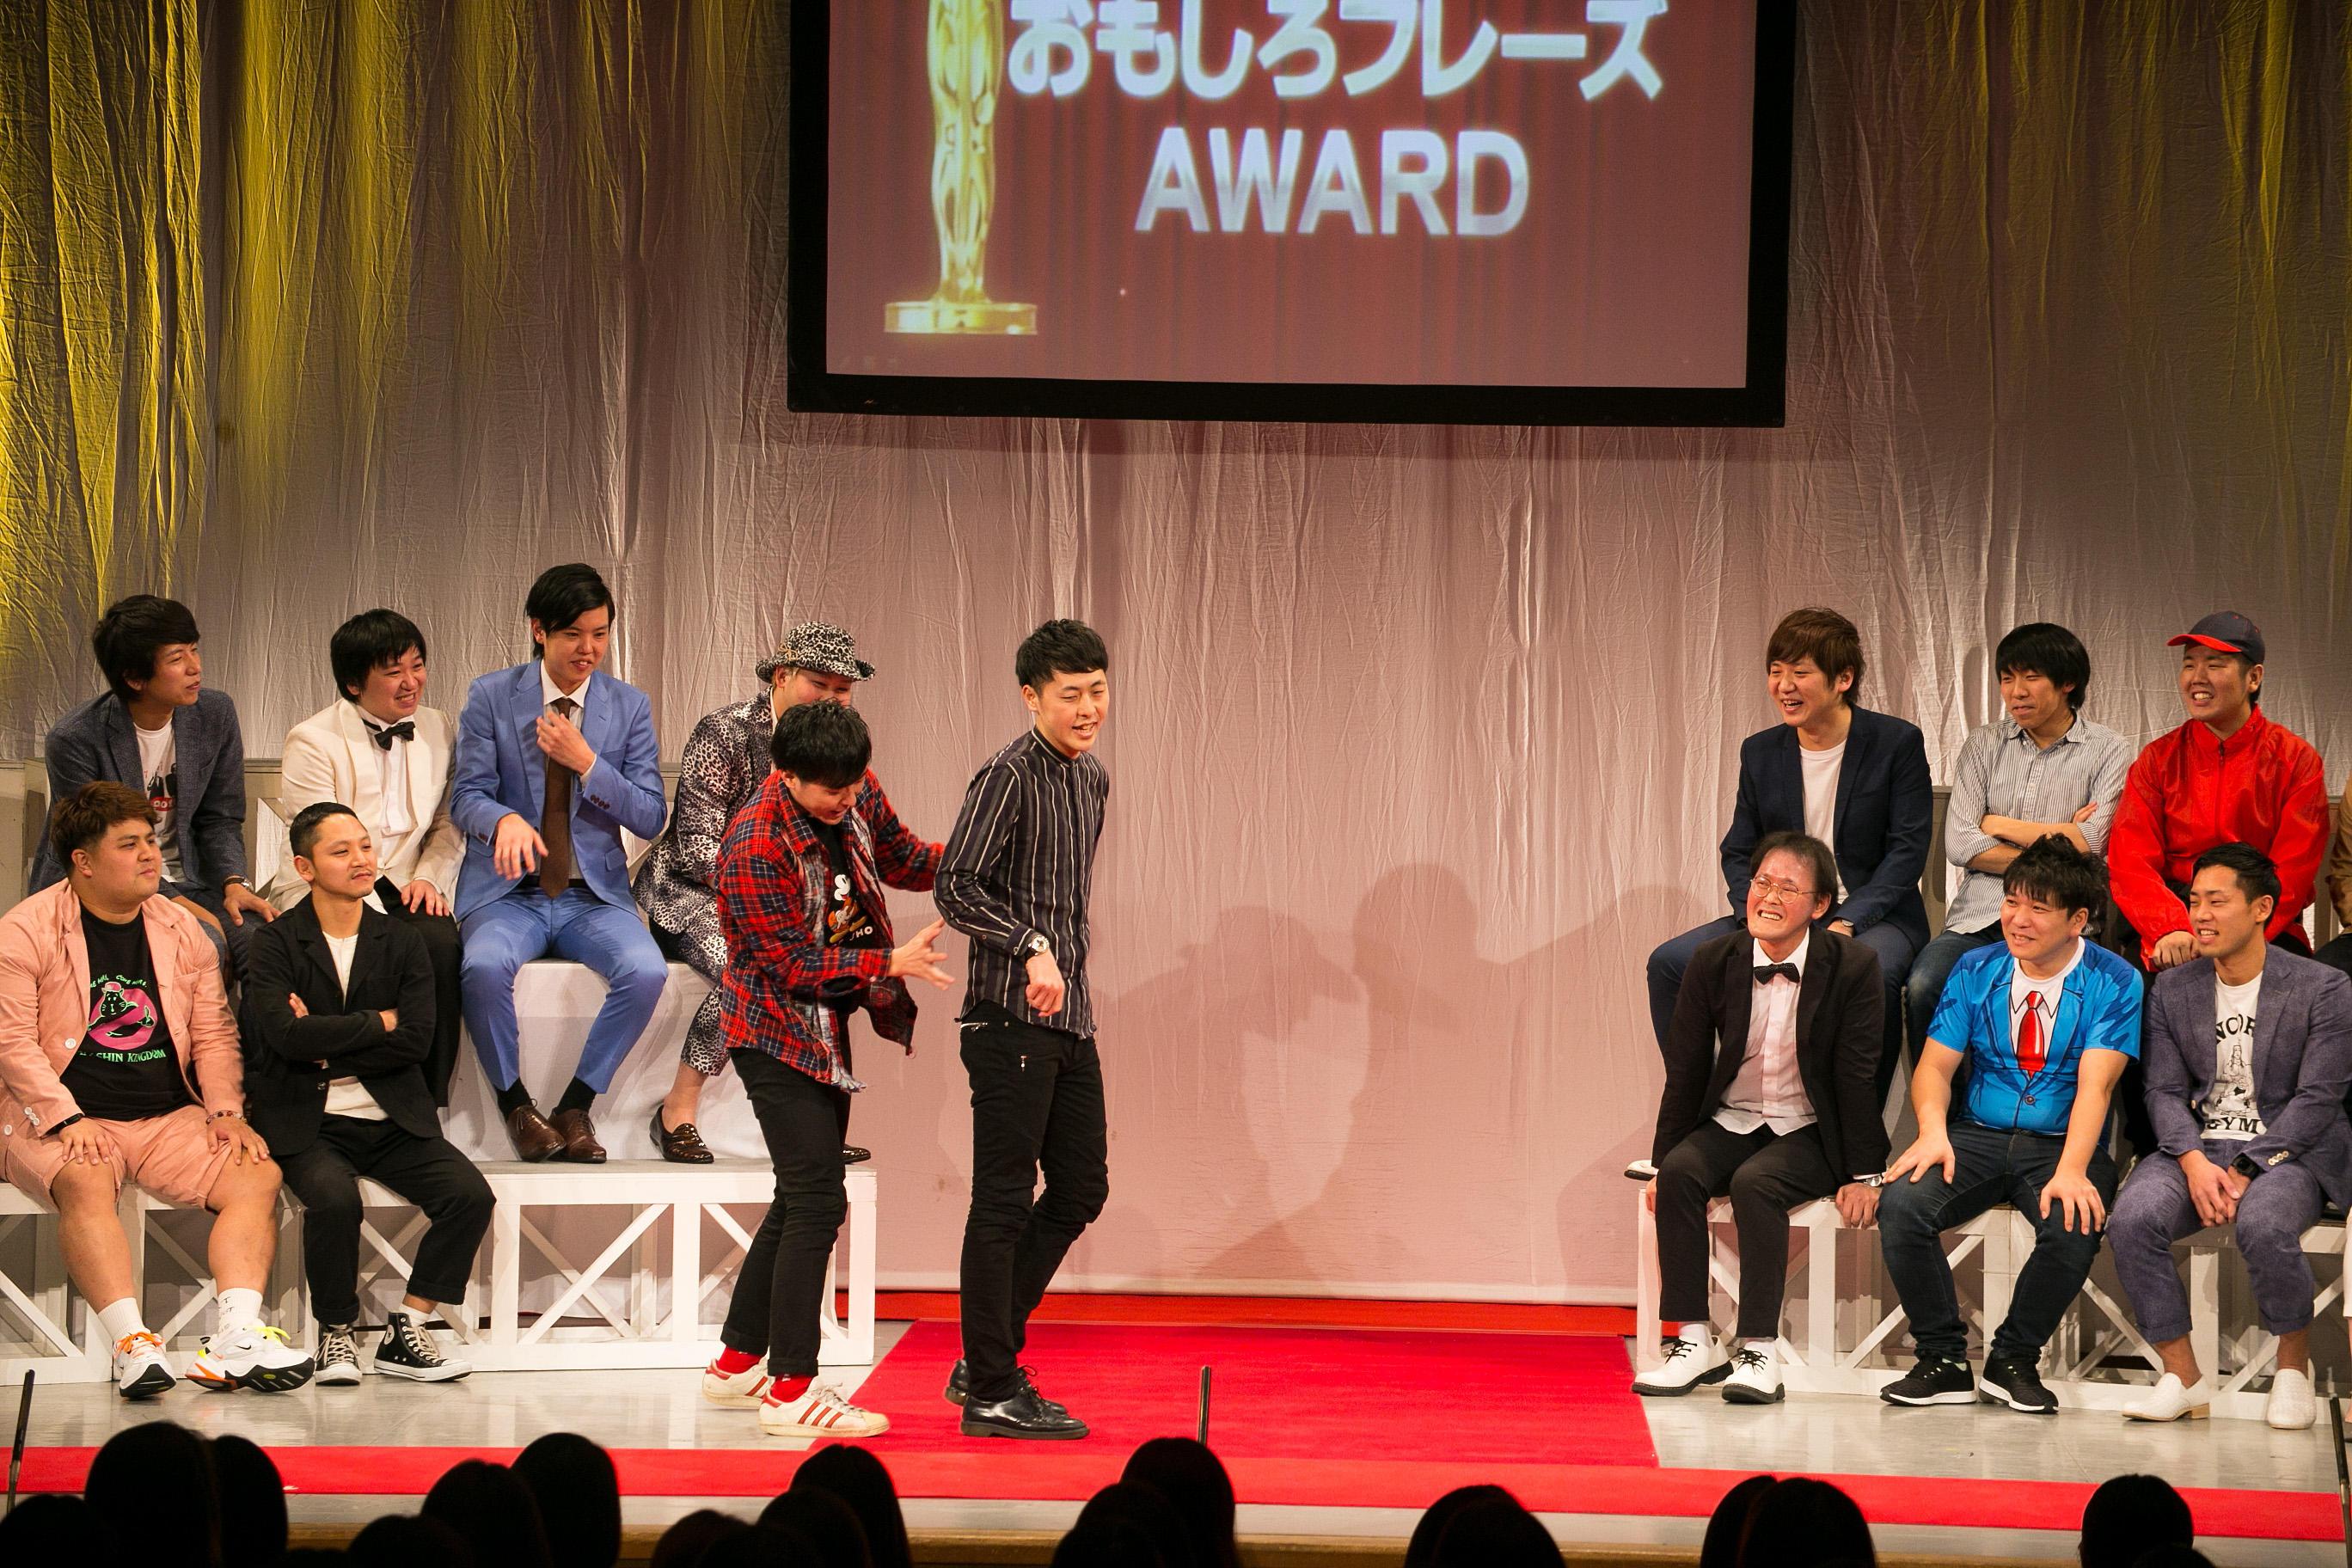 http://news.yoshimoto.co.jp/20181228111720-4c8ff7c84af05aef2487fa7a2ce39a6c60be2e9e.jpg